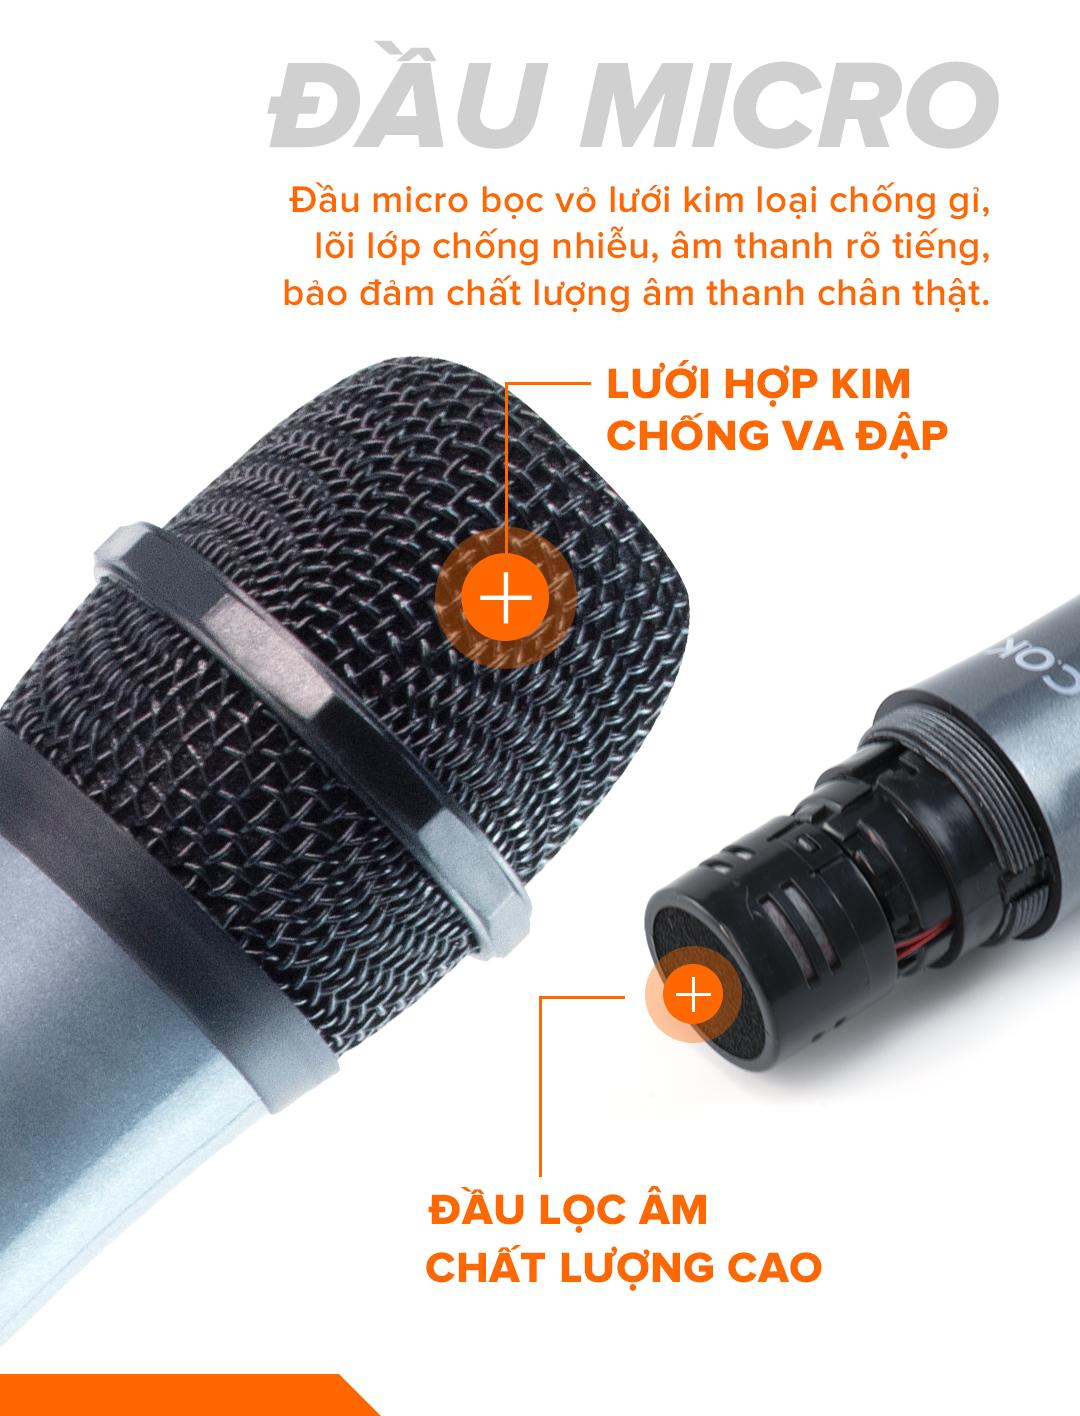 Micro không dây lẻ giá rẻ C.O.K ST-106 (1 Mic) Dành cho loa kéo, dàn âm Ly có cổng Mic Jack 6.5 - Hàng chính hãng 100%